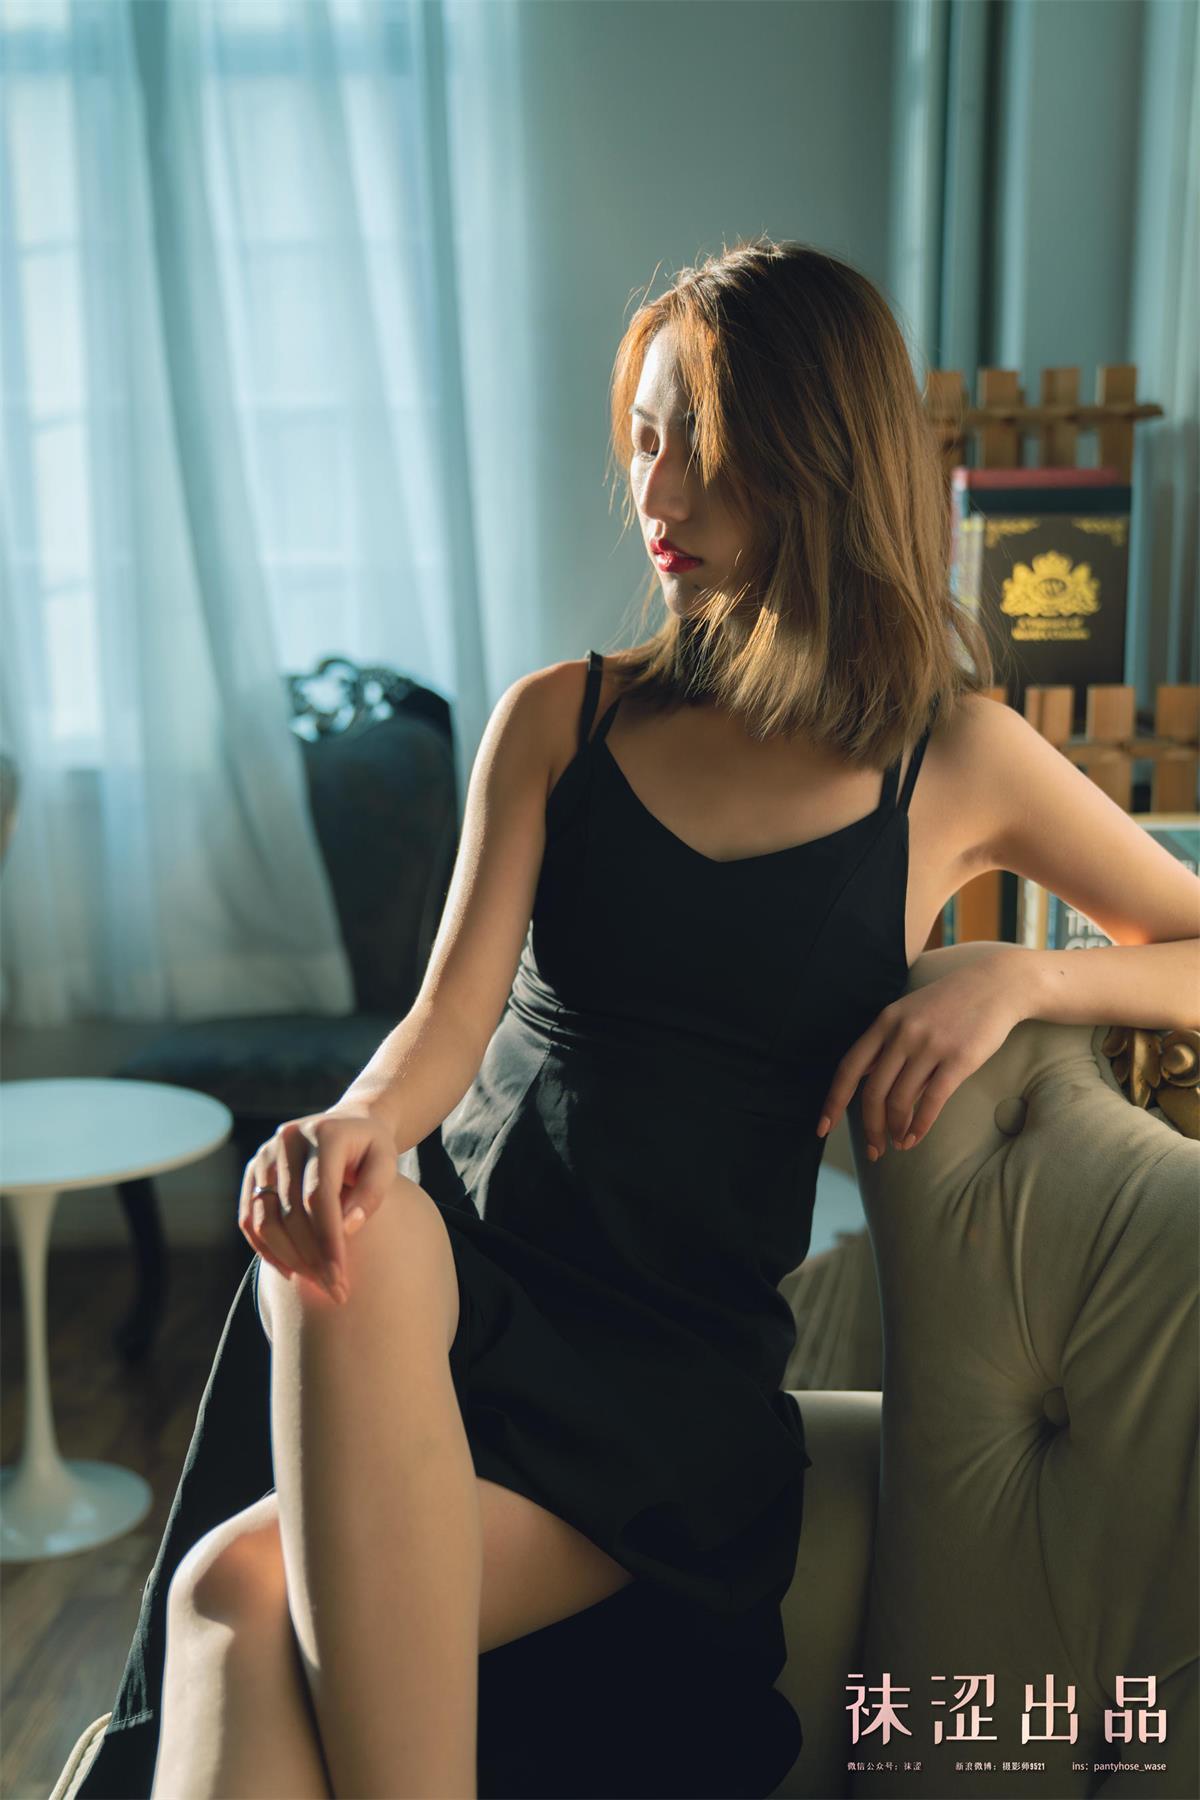 袜涩写真 – 丝袜美腿性感写真套图合集下载(VOL.001-100期)